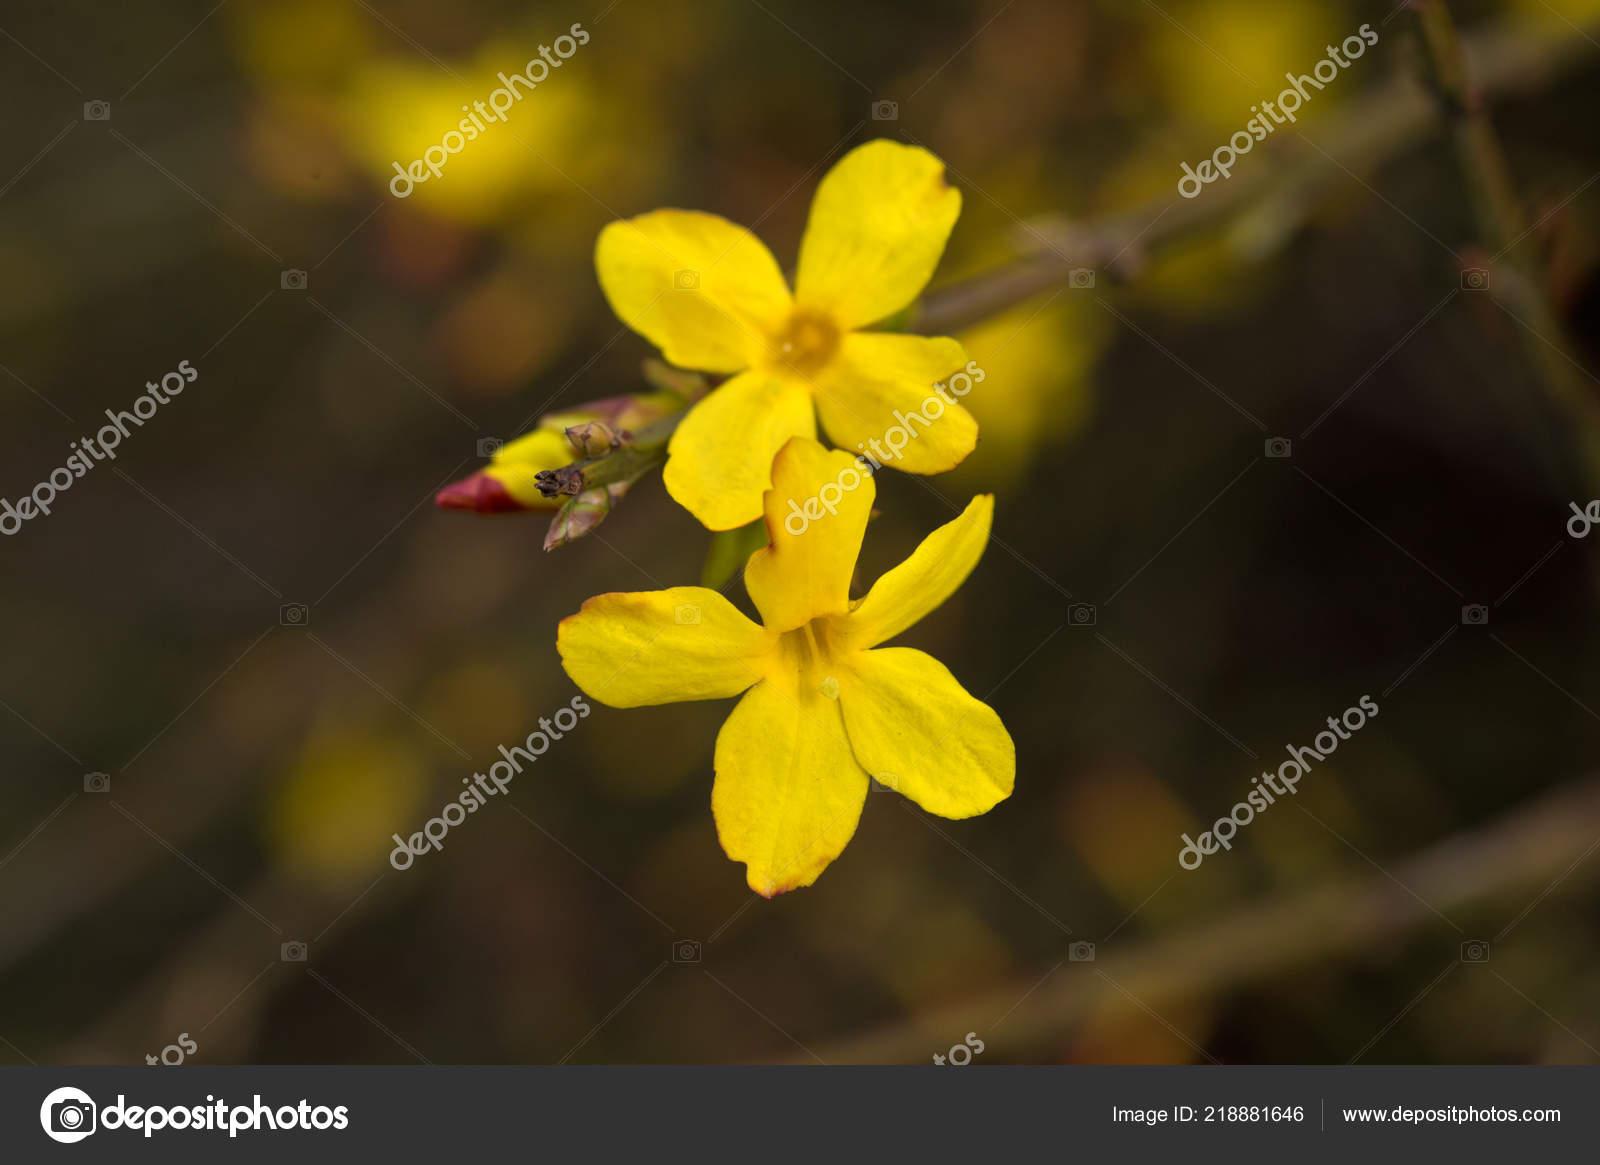 Fleur Jaune Buisson Hiver Jasmin Photographie Darkfreya C 218881646